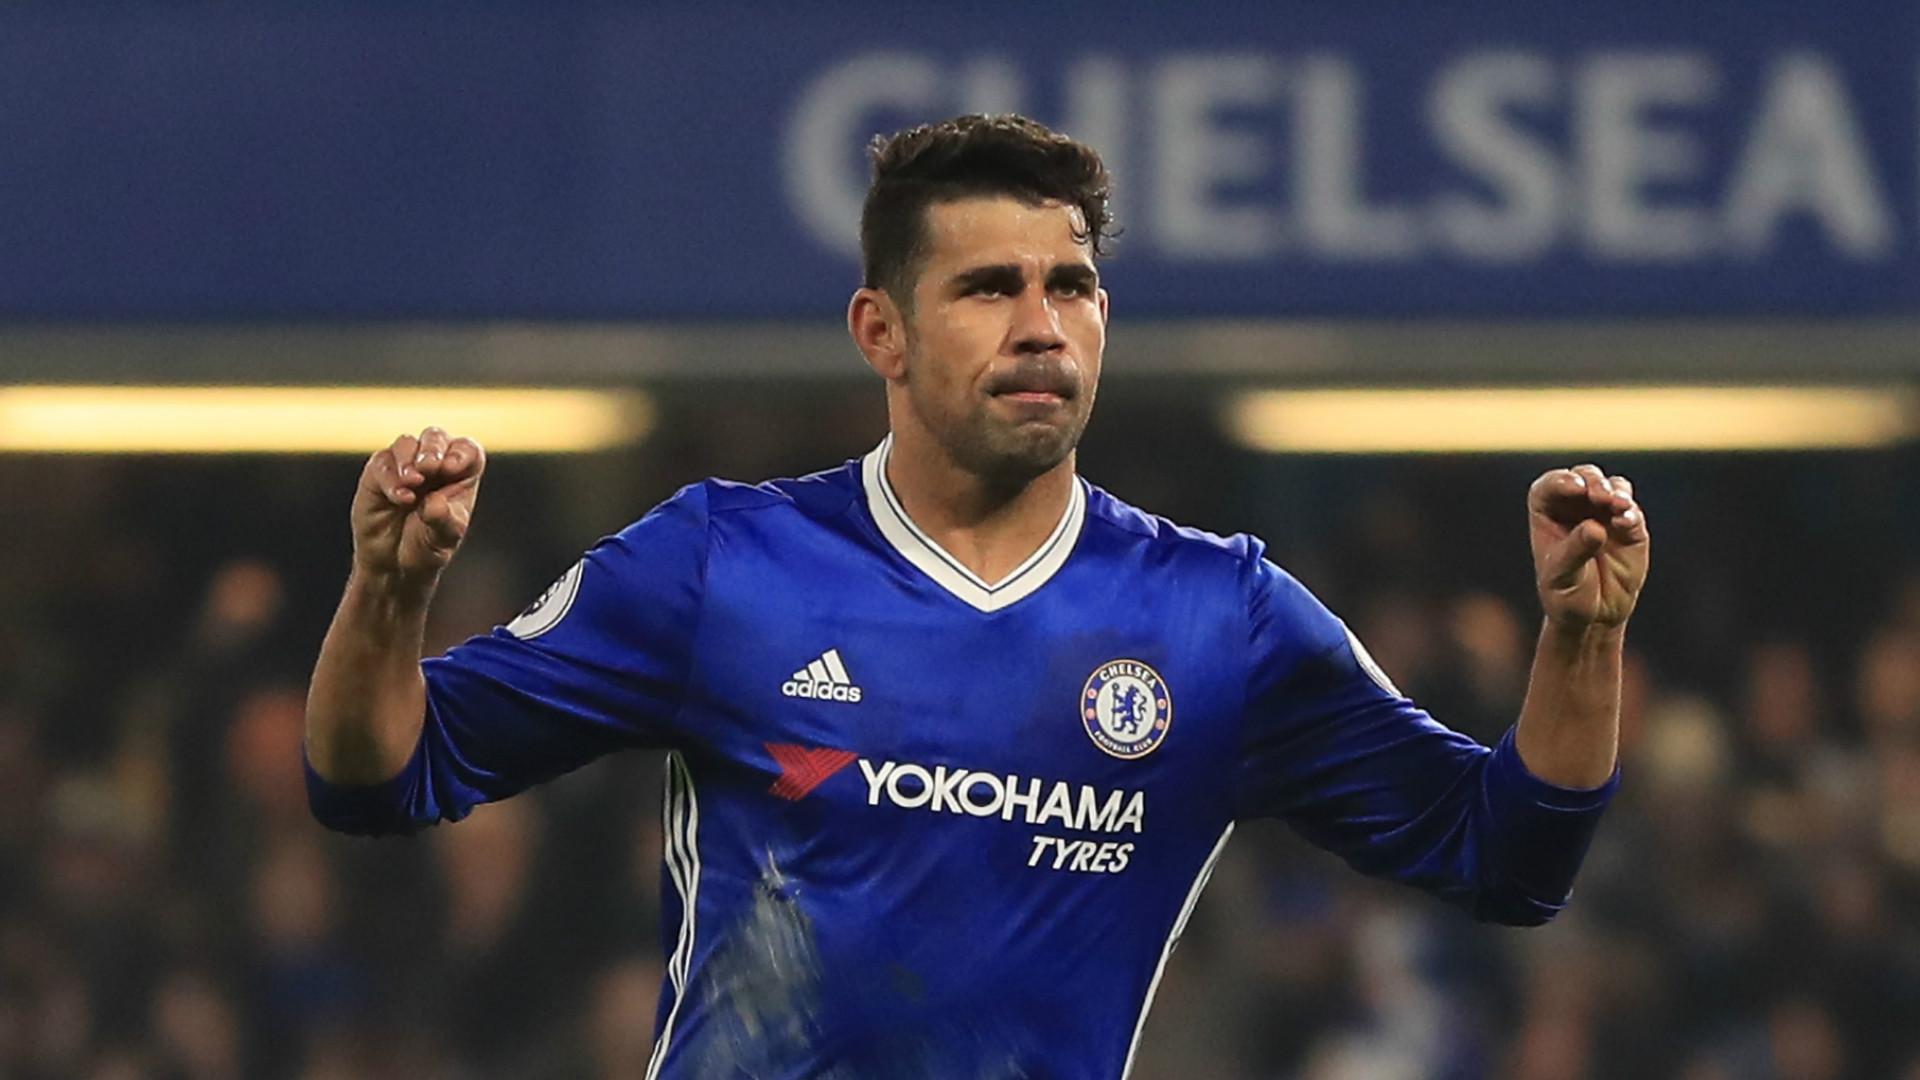 Costa brilla en victoria del Chelsea y alcanza a Sánchez